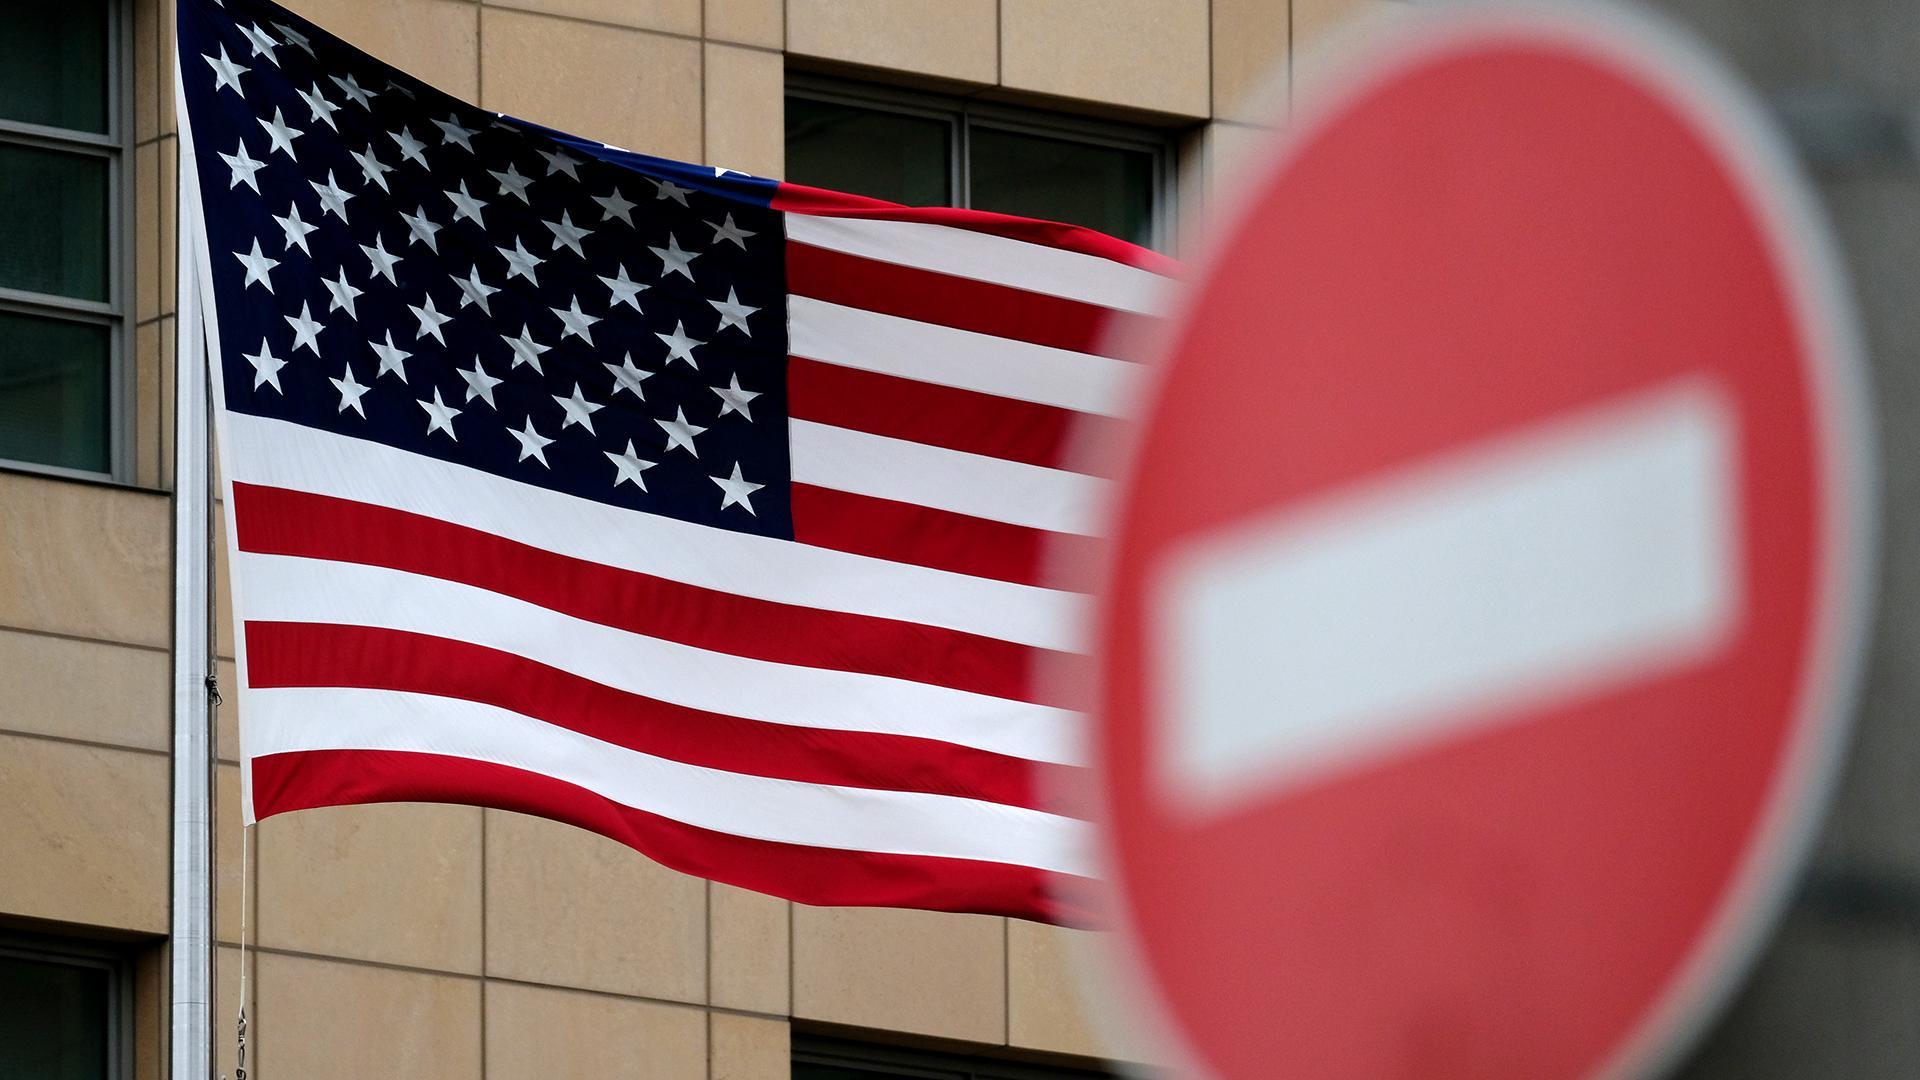 """Лавров: САД и западне земље очекују да други """"признају грешке"""" користећи само један инструмент у међународној арени - санкције"""